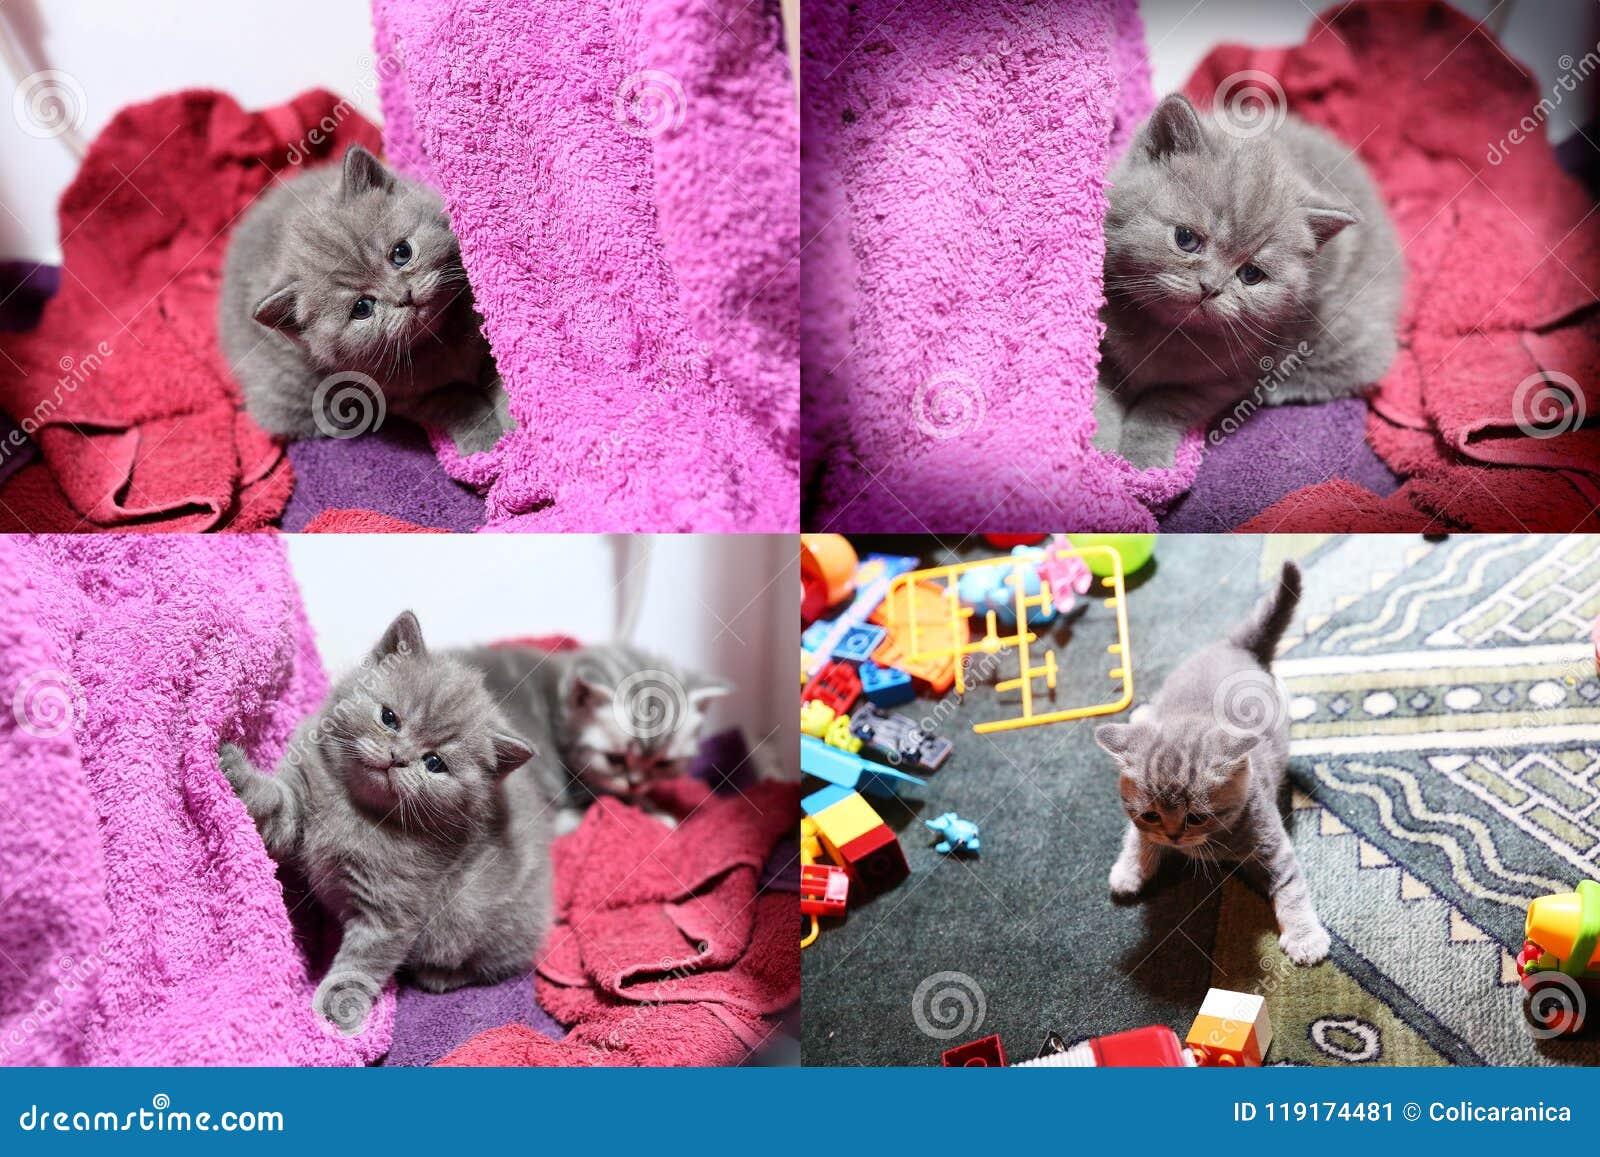 Babykatjes die op mauve handdoek spelen, multicam